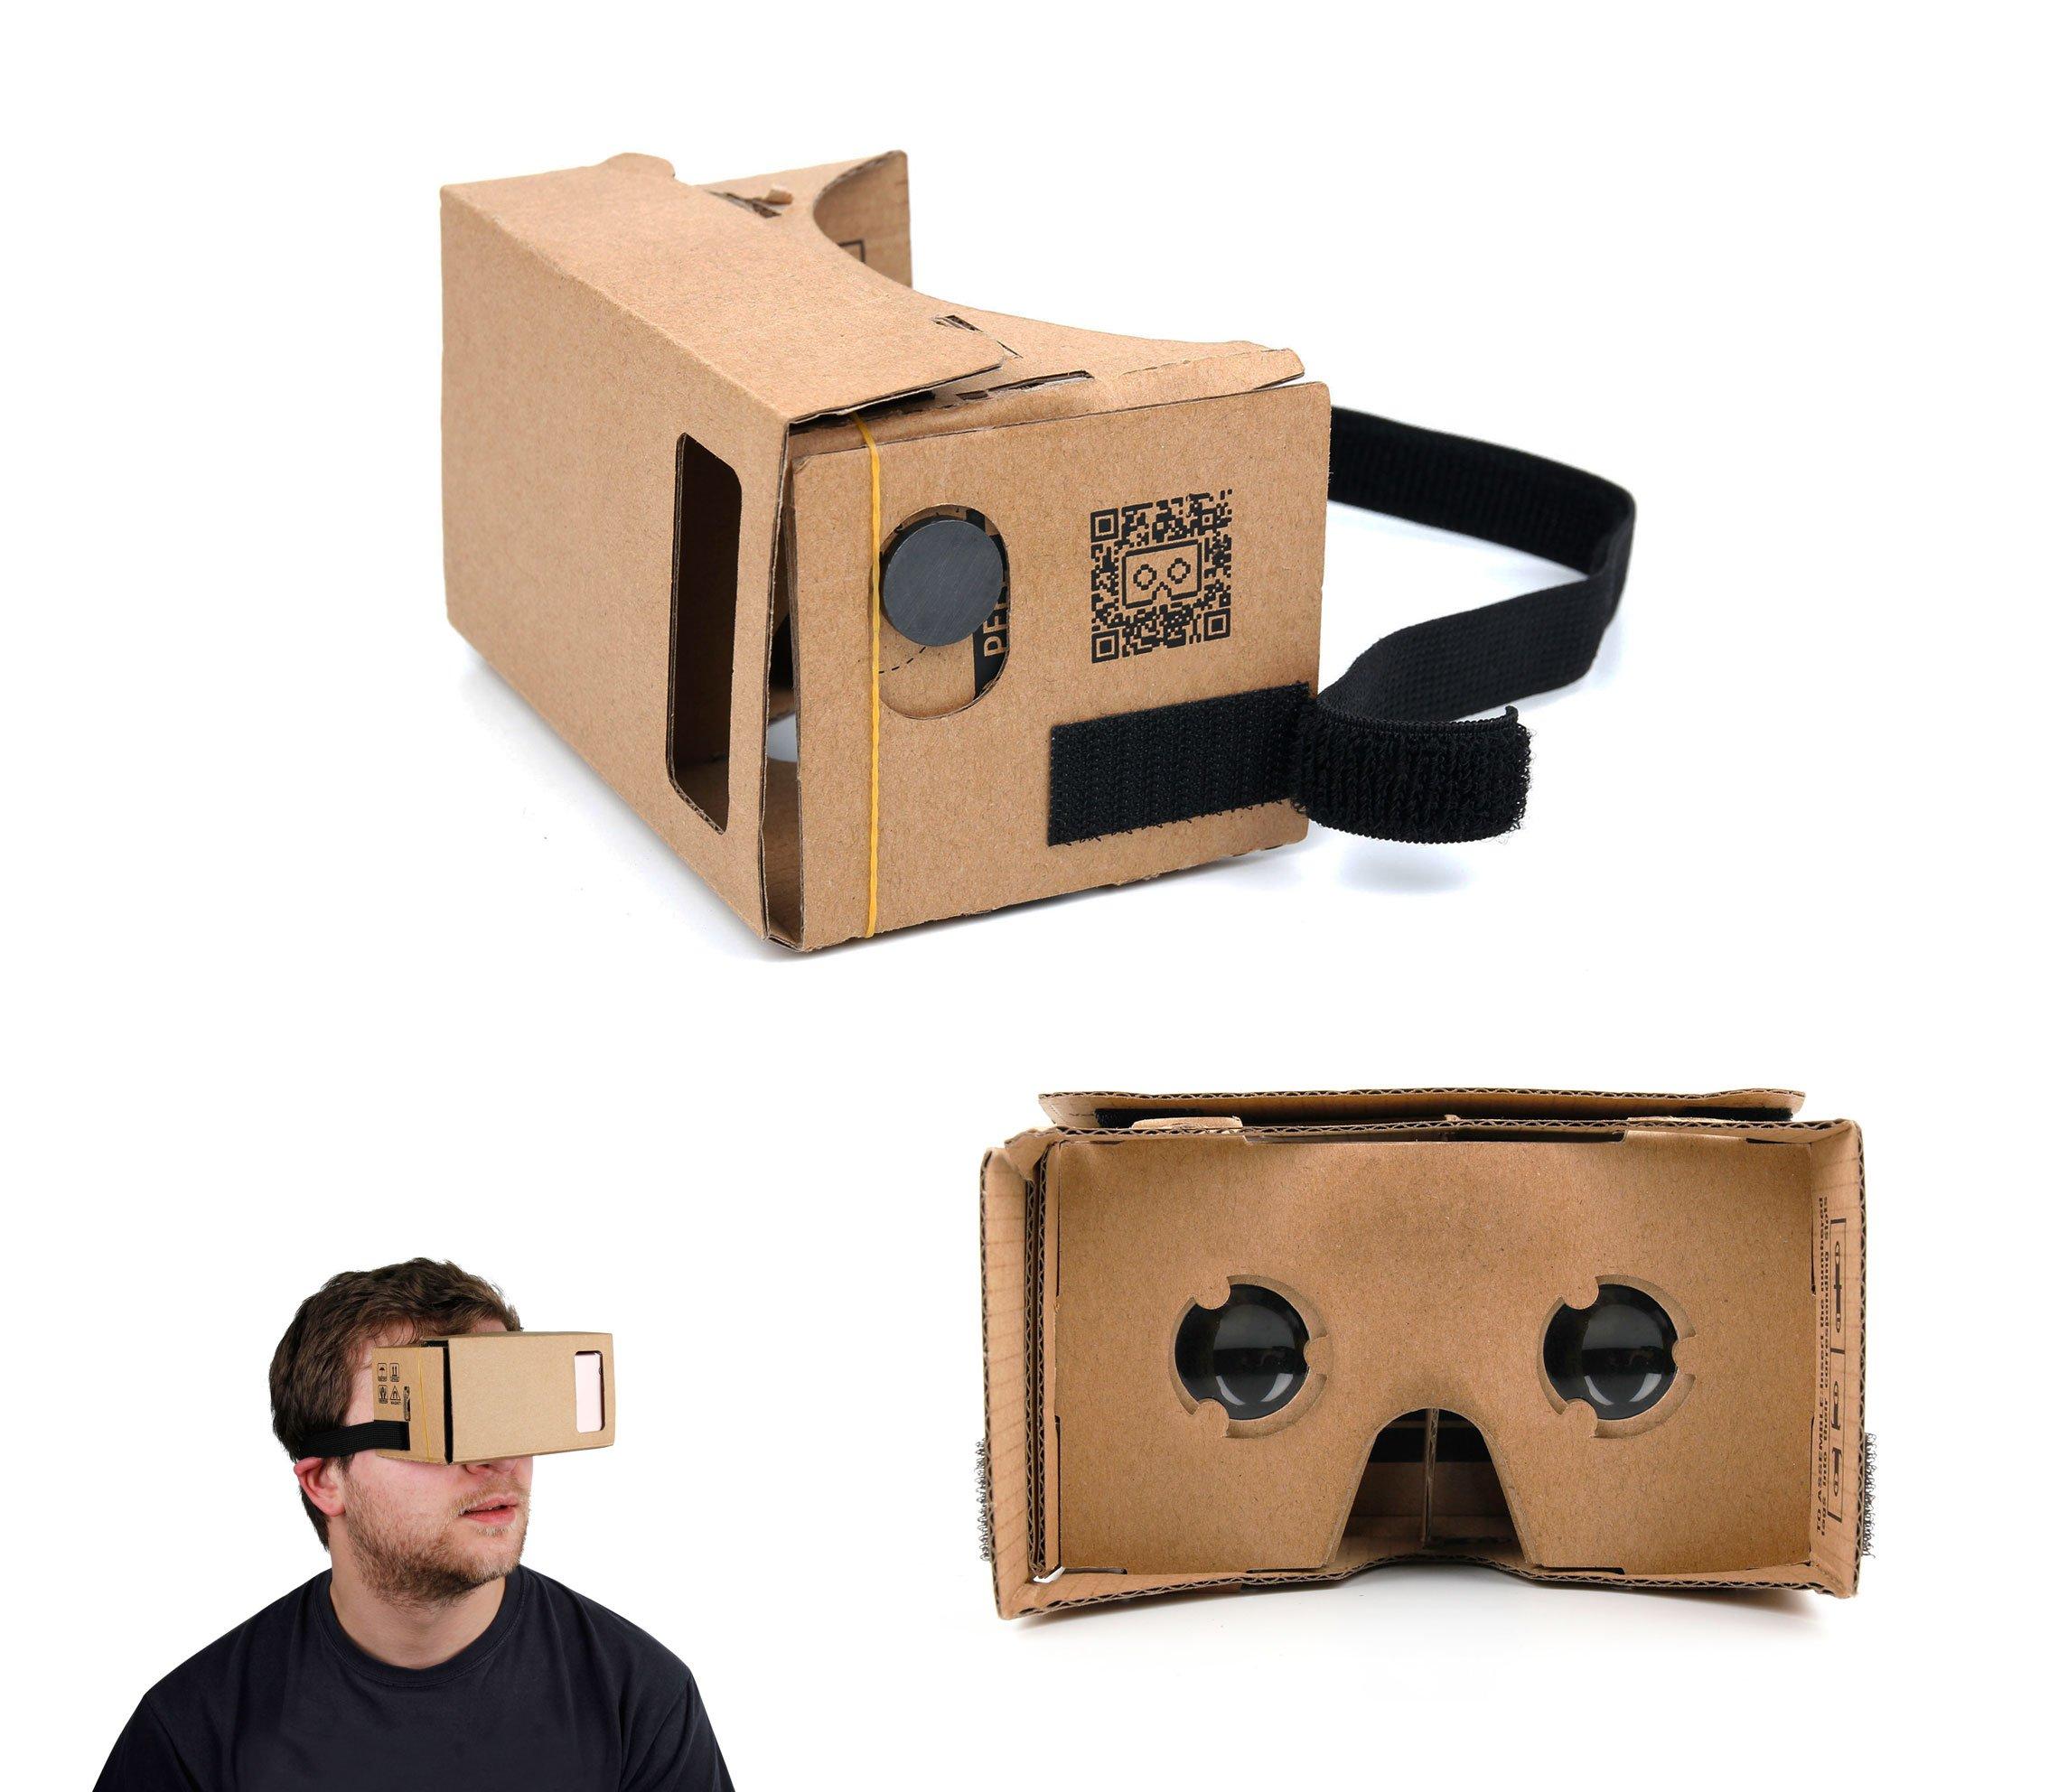 DURAGADGET Gafas de Realidad Virtual VR para Smarphones Smartphone UMIDIGI Diamond | Diamond X | Doogee X5 MAX | MAX Pro | Shoot 1 | Cubot Rainbow 2: Amazon.es: Electrónica